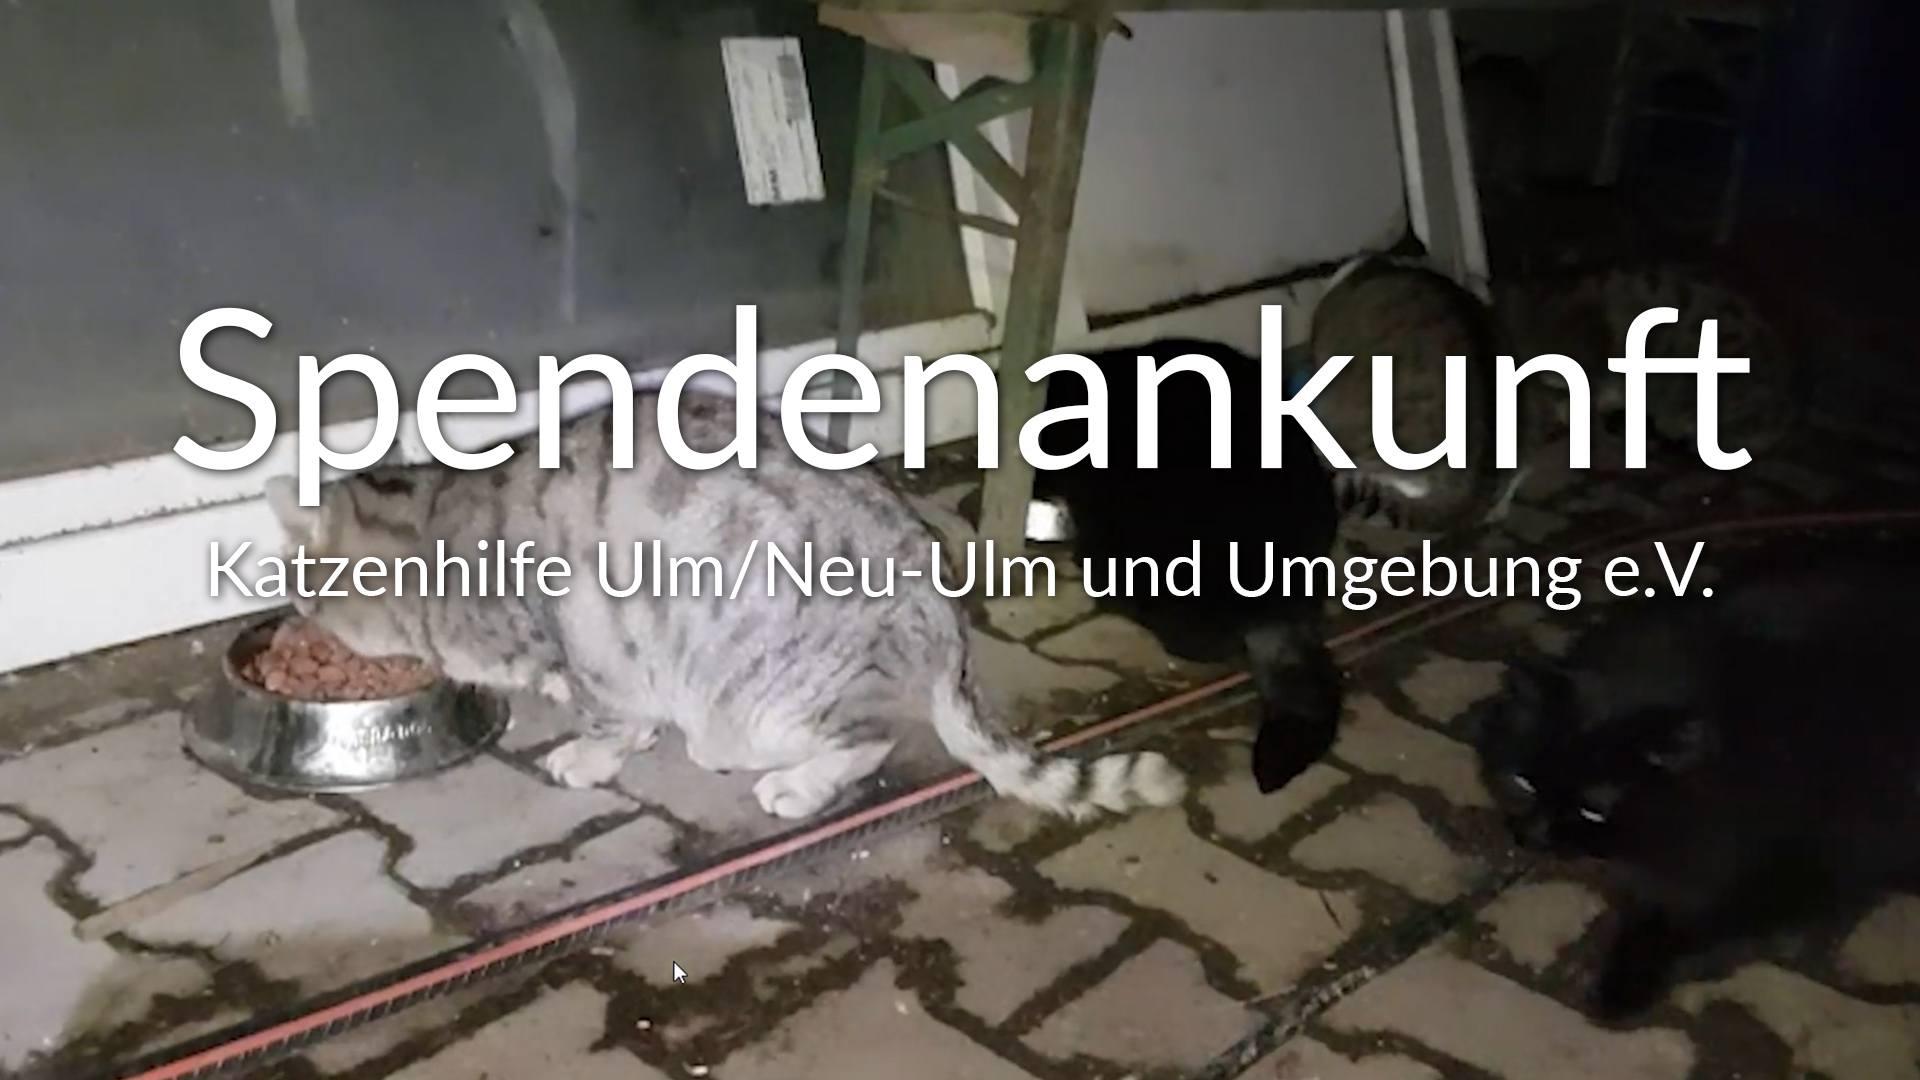 Katzenhilfe Ulm_Neu-Ulm und Umgebung e.V.-Futterspendenankunft-maerz-2020-Spenden-Marathon-2019-Deutschland-VIDEO